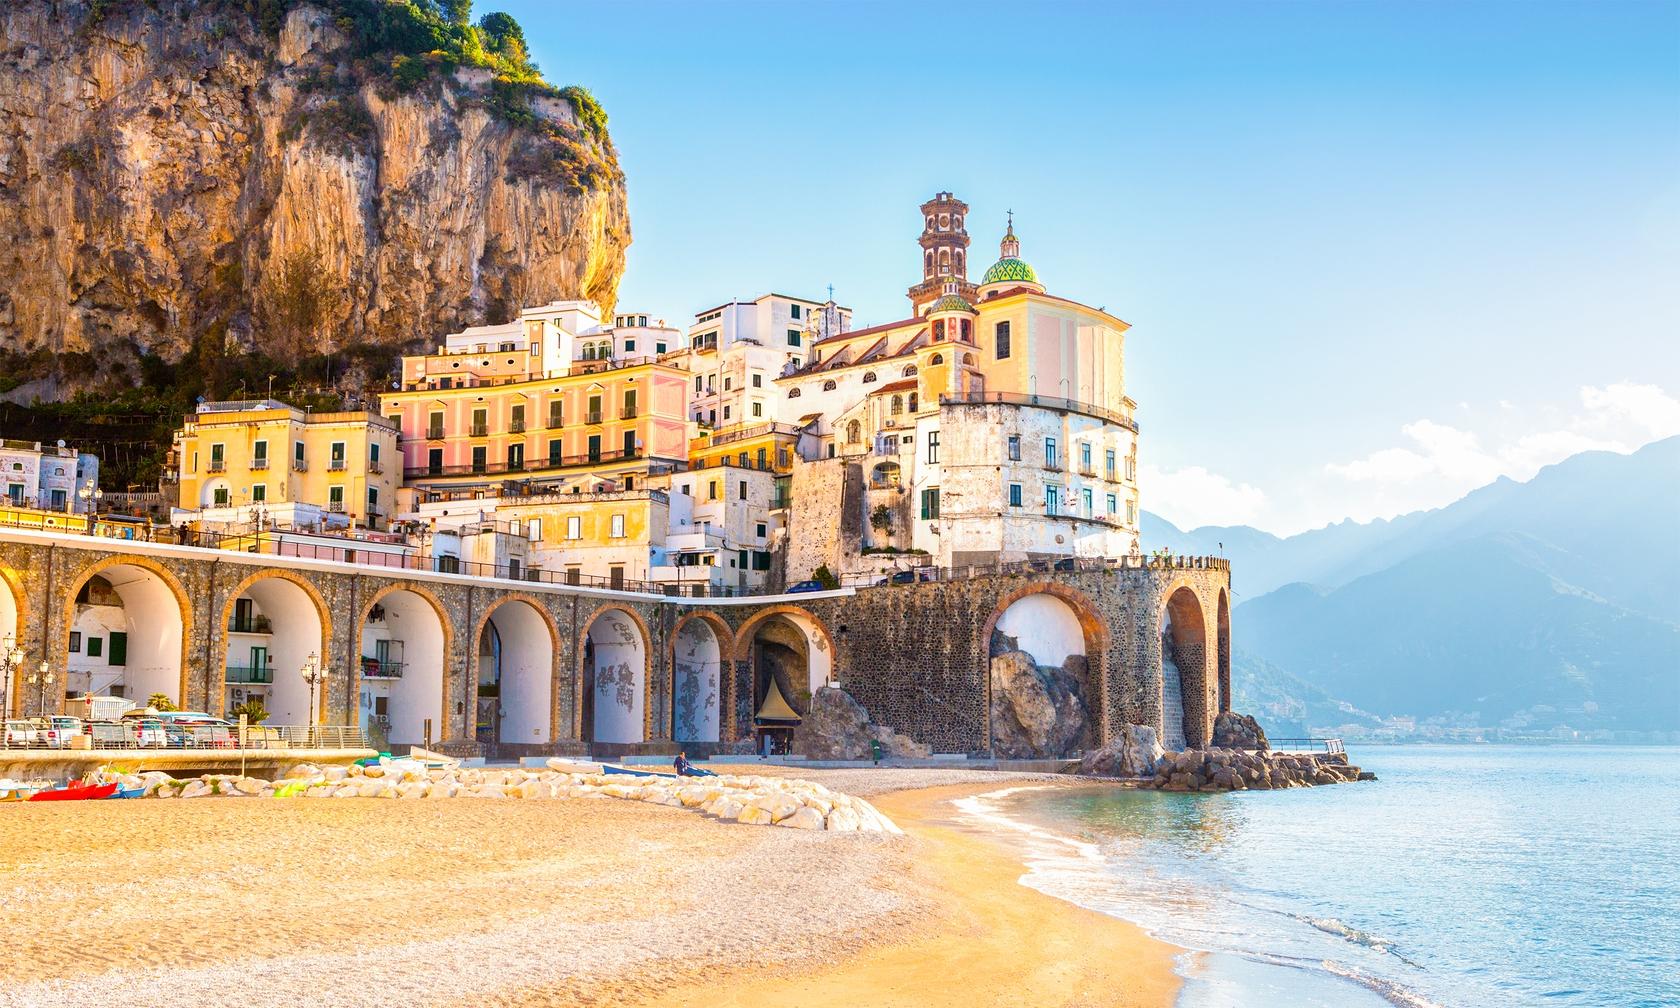 Vacation rentals in Positano